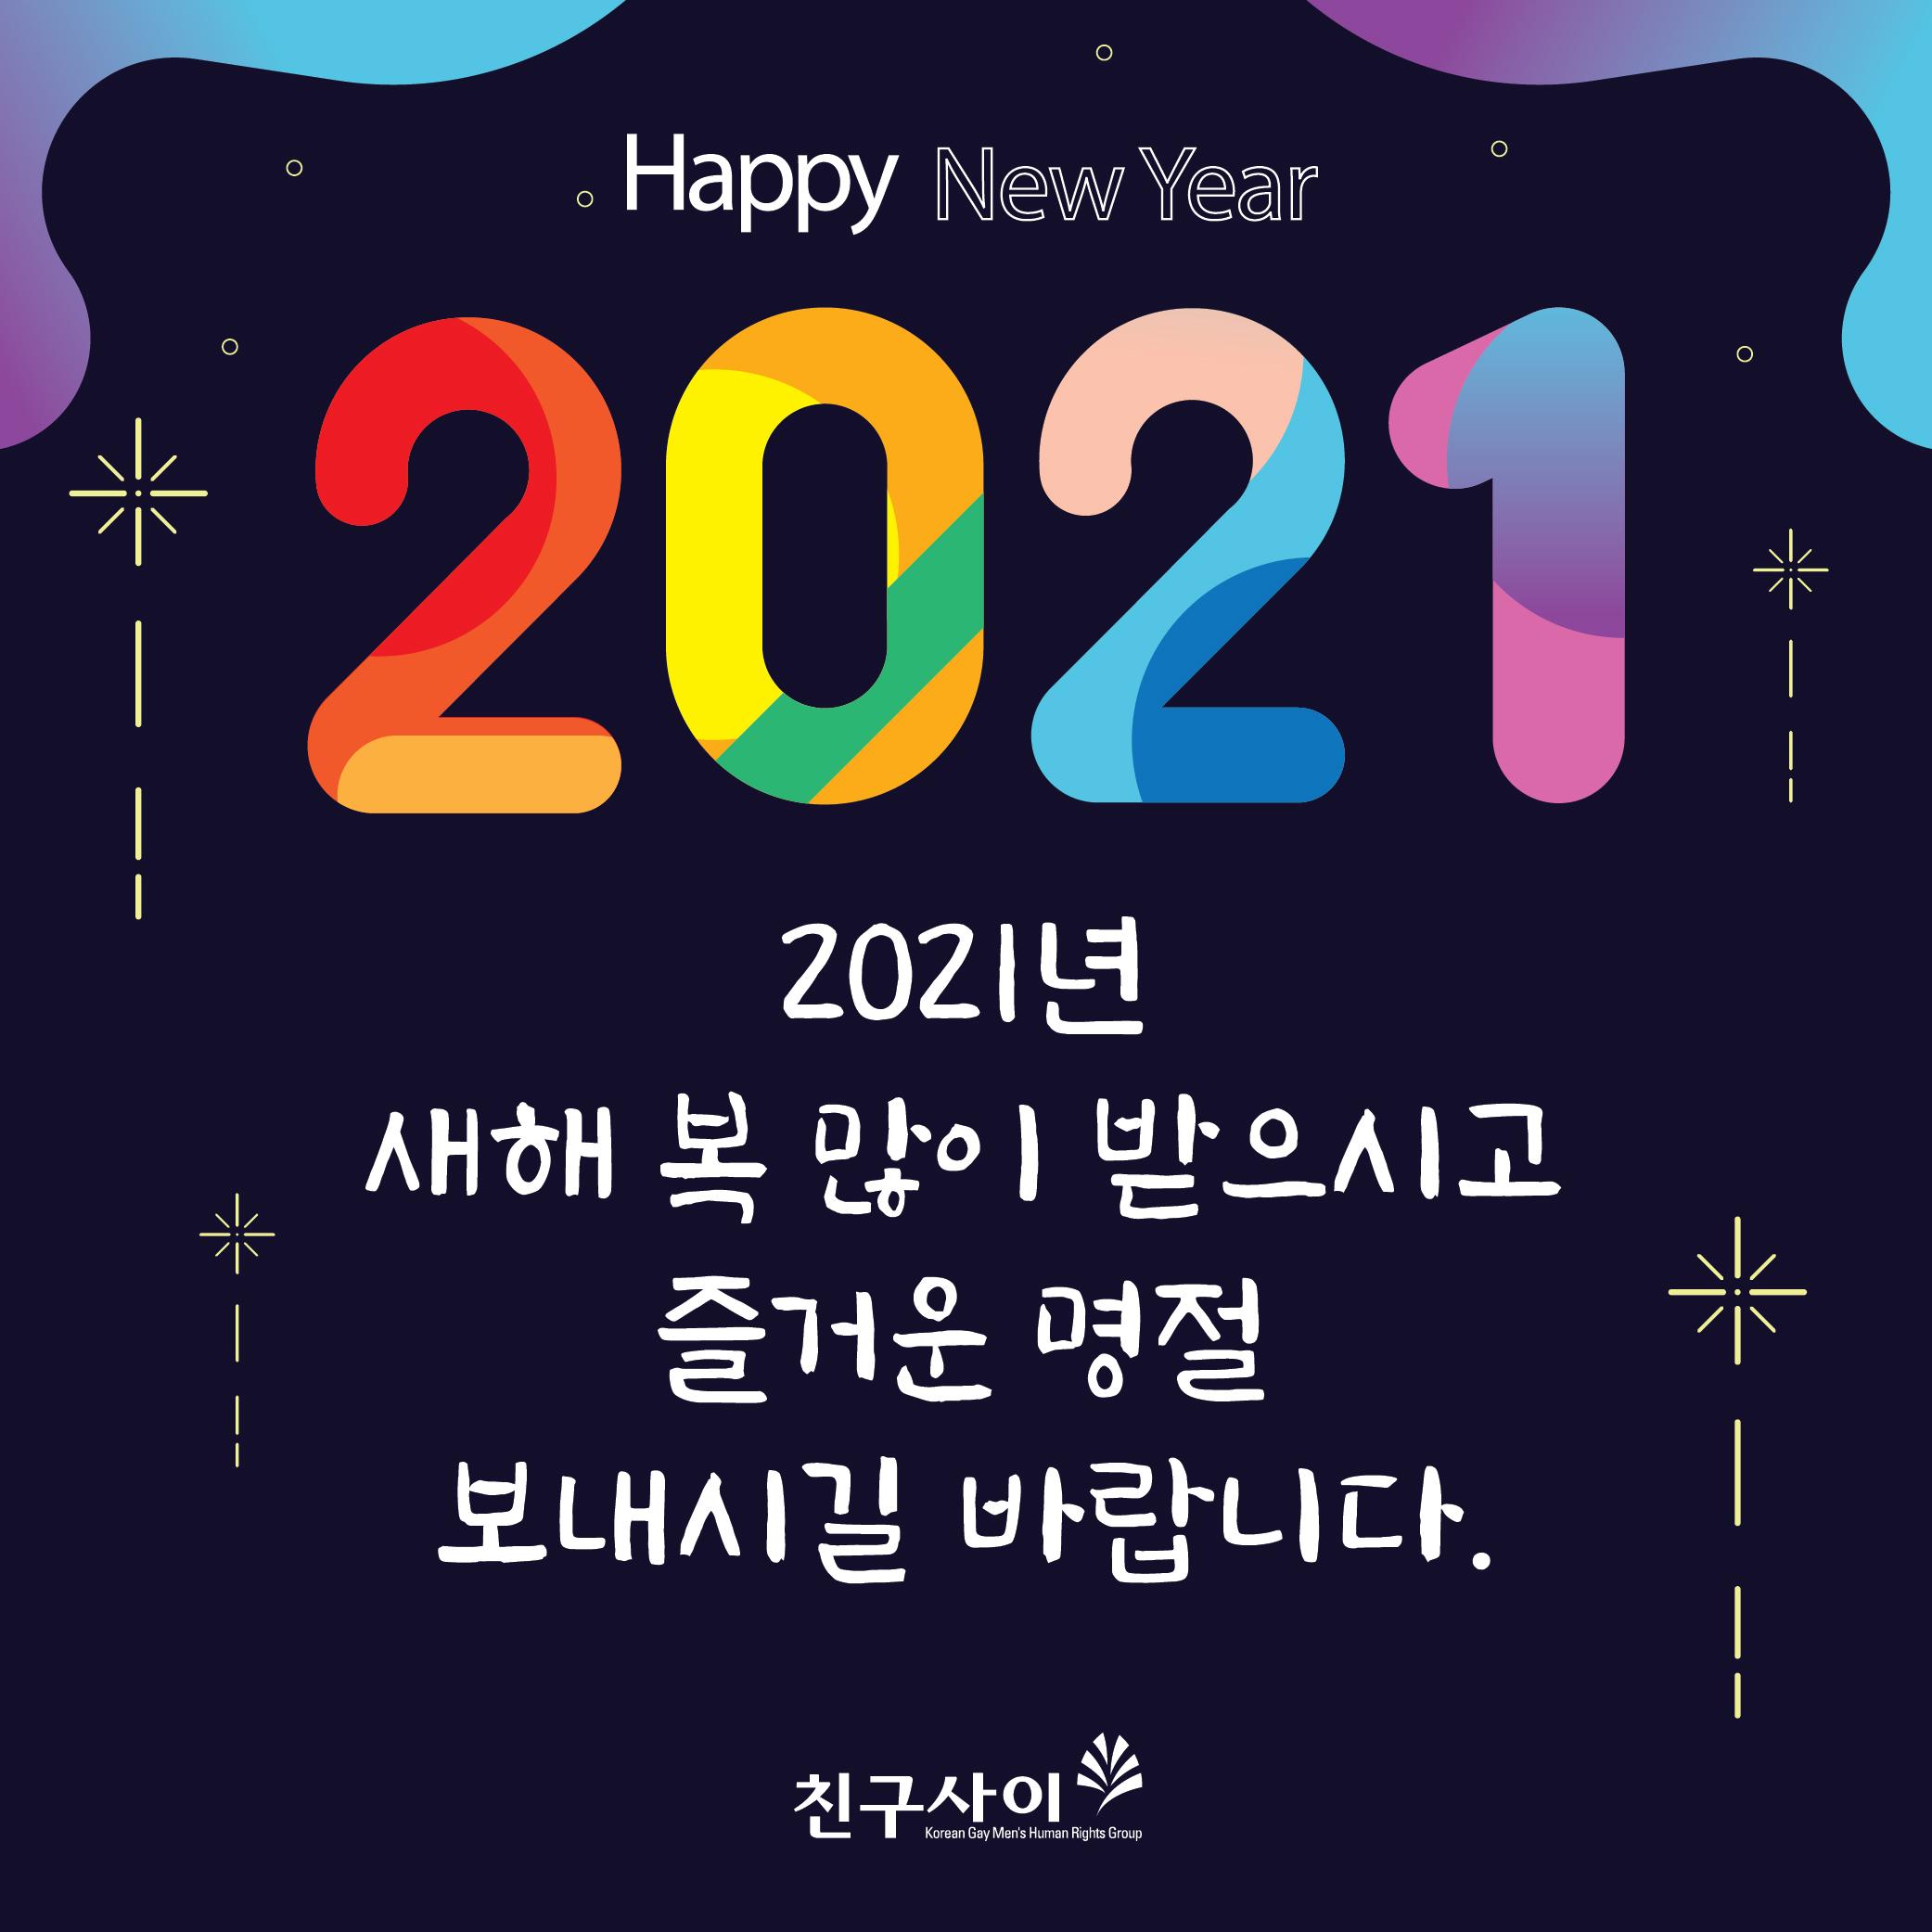 2021_새해인사.jpg